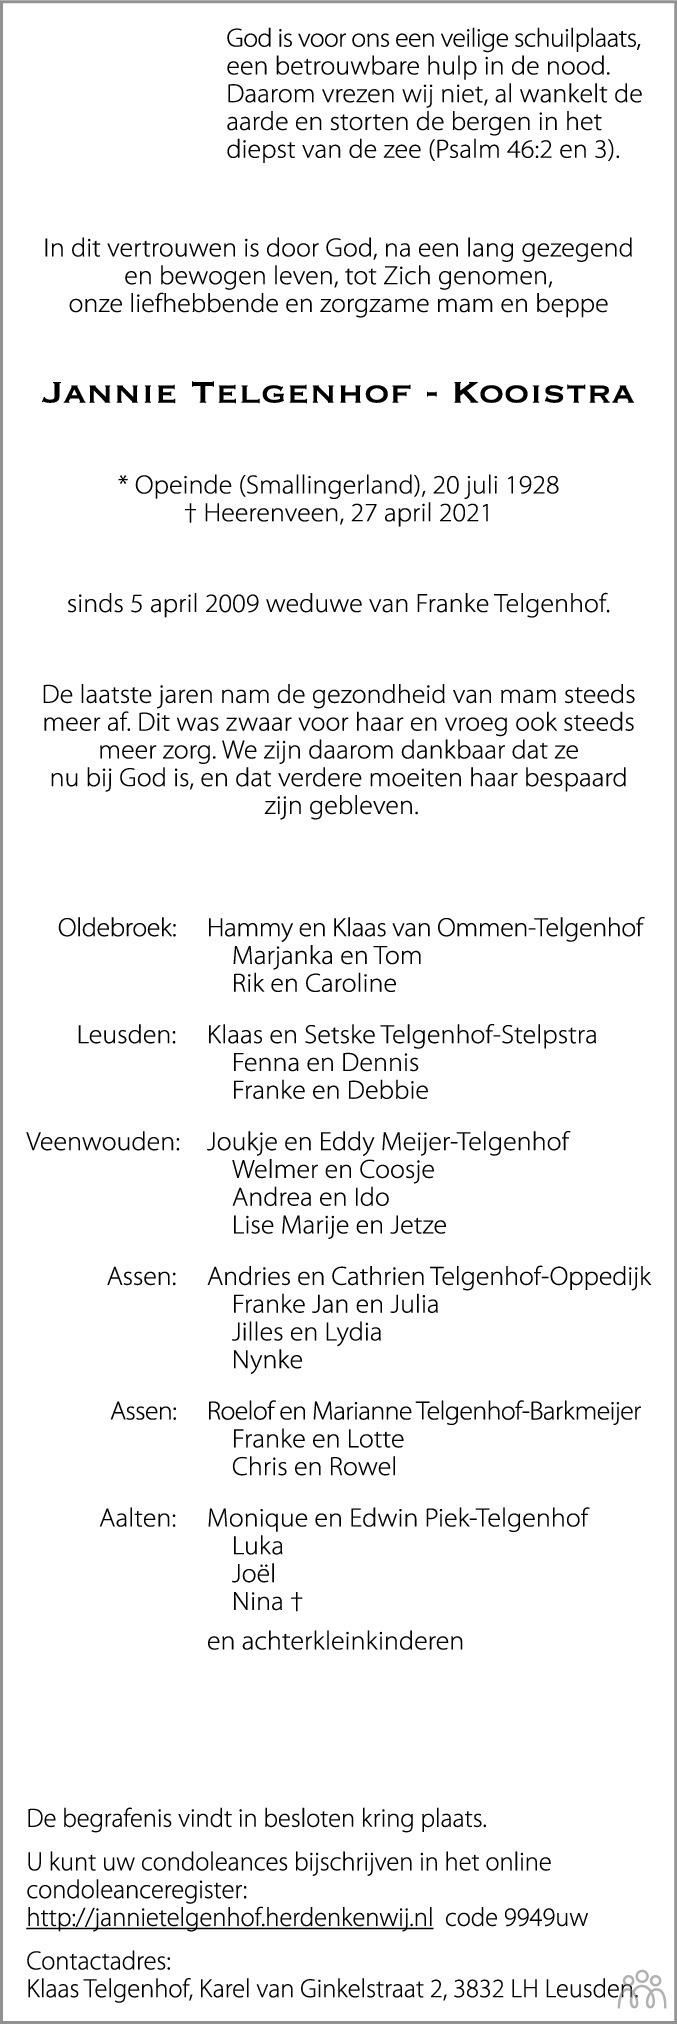 Overlijdensbericht van Jannie Telgenhof-Kooistra in Leeuwarder Courant